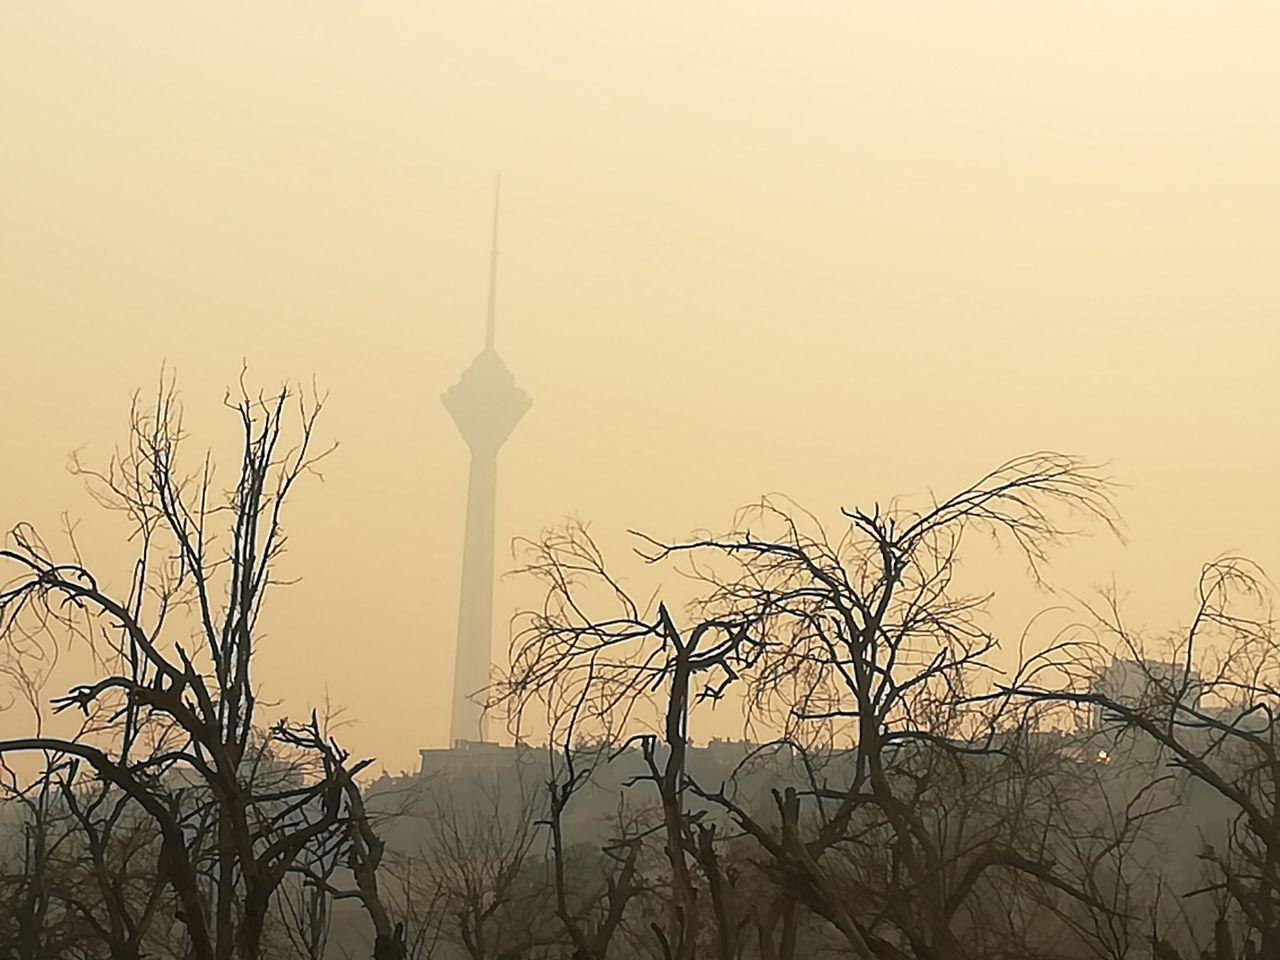 آلودگی هوای شهرها تحفهی توسعهی ناپایدار و سوءمدیریت/پانیذ قهرمانی